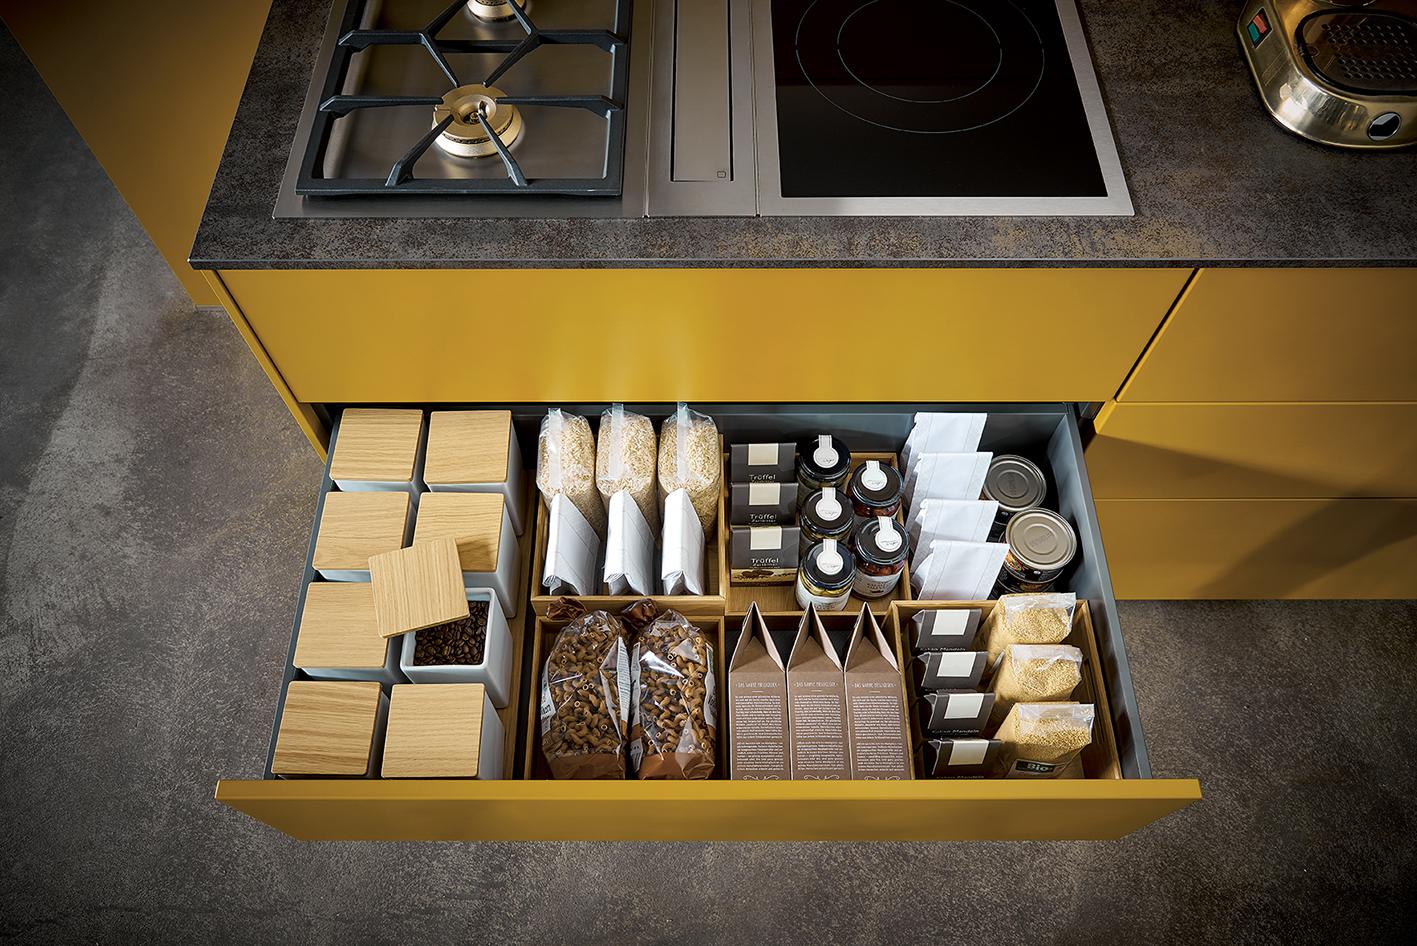 cuisine contemporaine design moderne sur annecy marque next125 noir et jaune